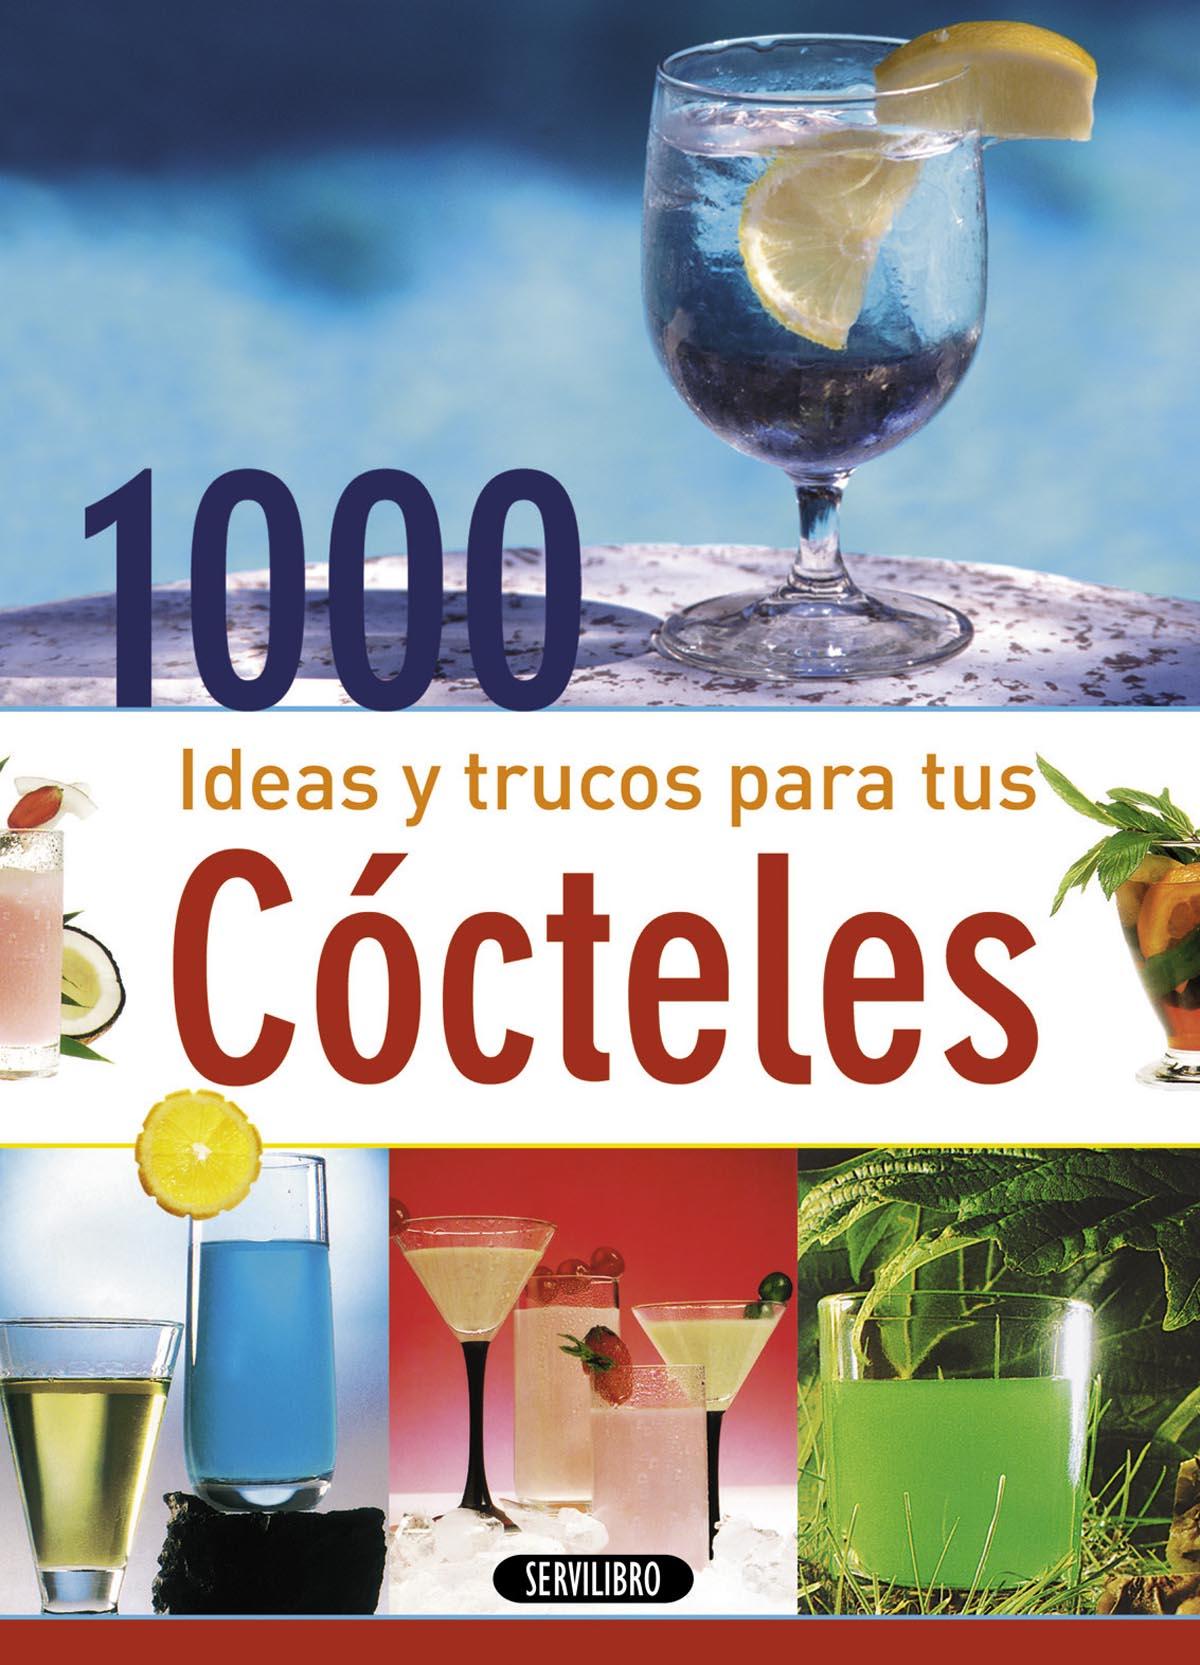 1000 Ideas About Men Casual Styles On Pinterest: Libros Servilibro Ediciones